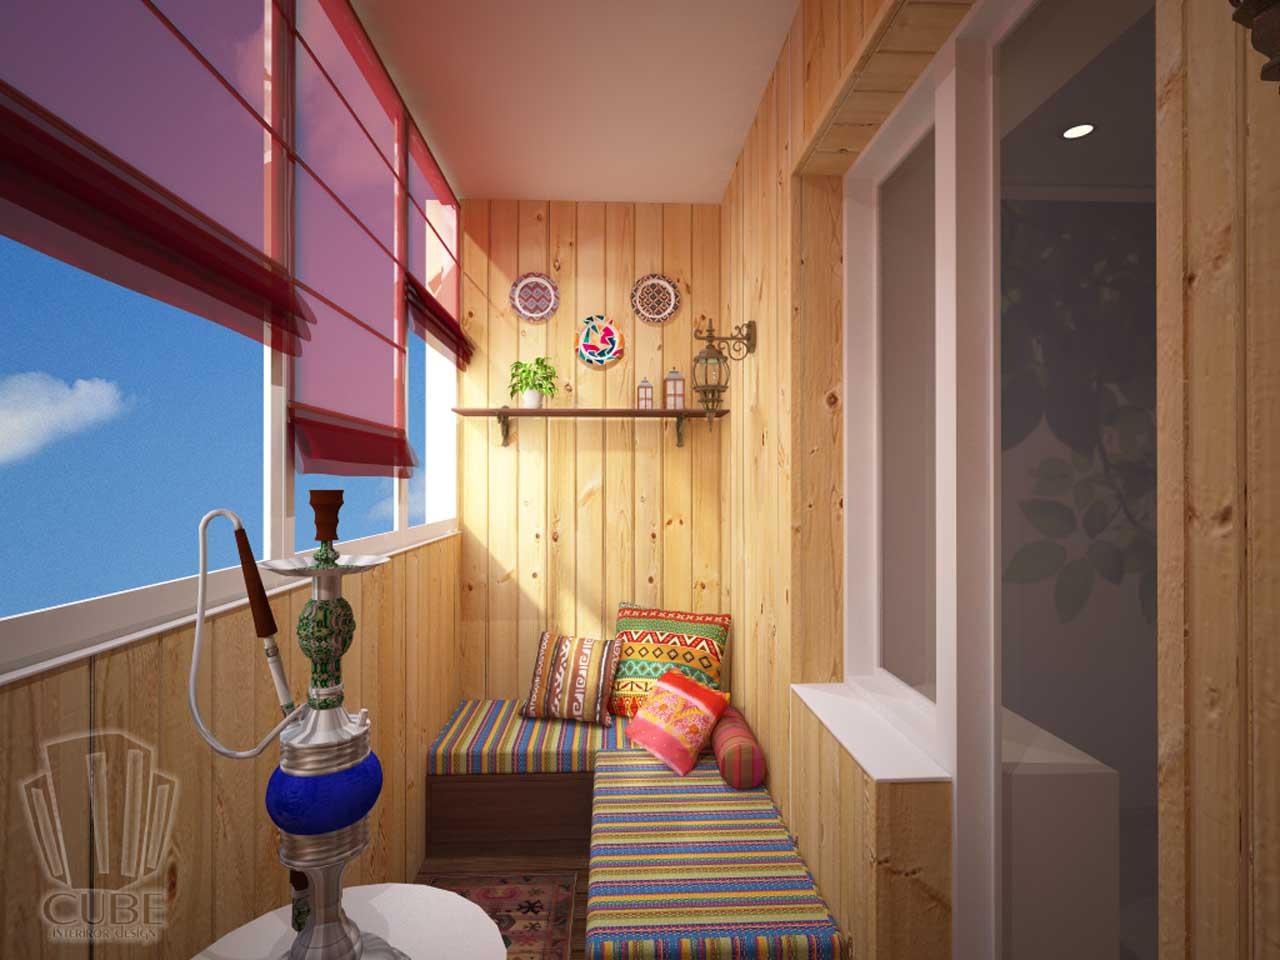 Дизайн-проект интерьера. Тюмень ул. Широтная д.158. Квартира для молодой семьи (8)